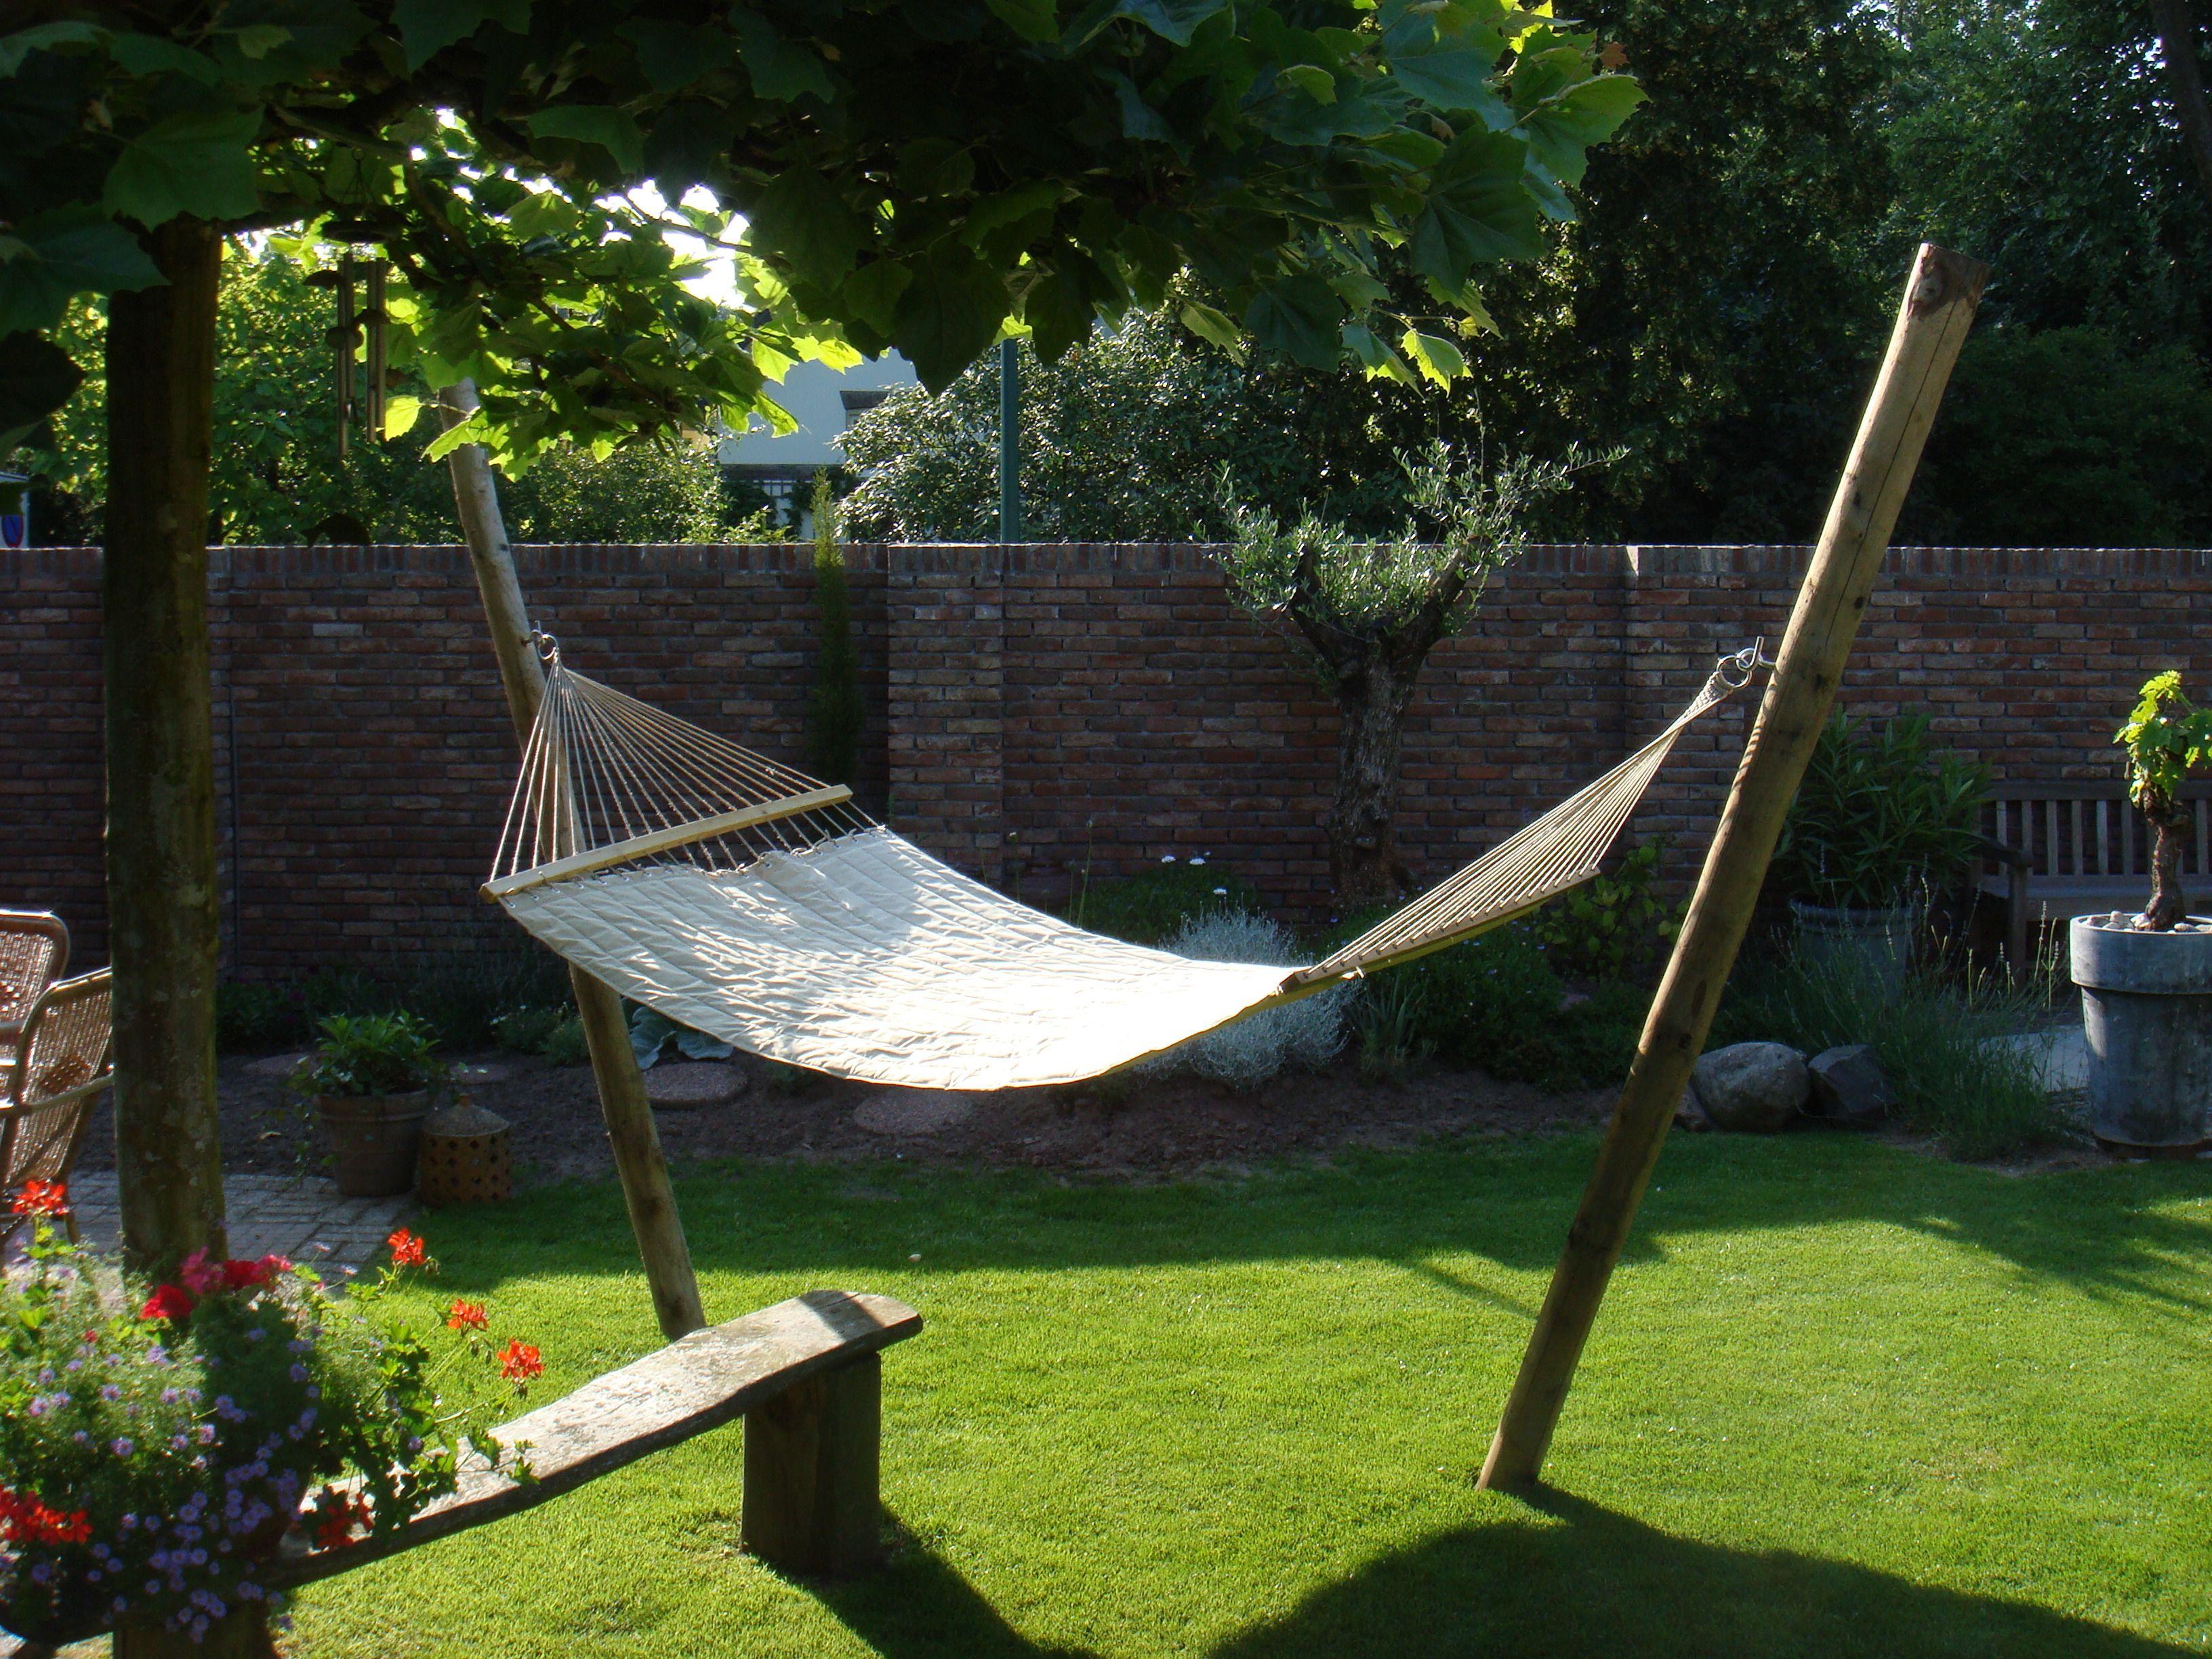 Hangmat Op Balkon : Hangmat! lekker voor de meiden om in te zonnen. garden pinterest